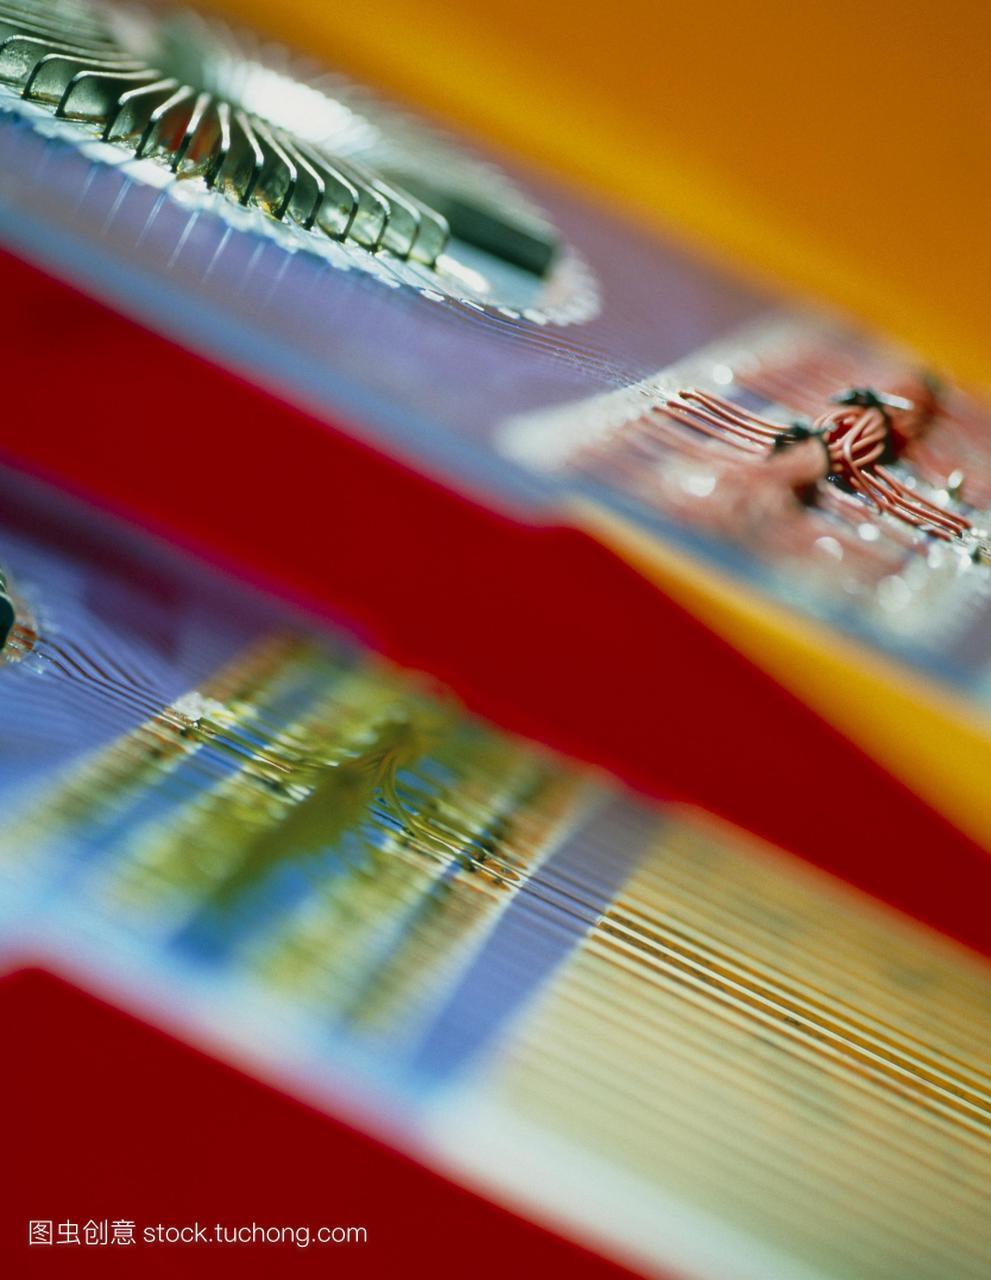 微晶片测试电路在制造过程中用于测试芯片的两